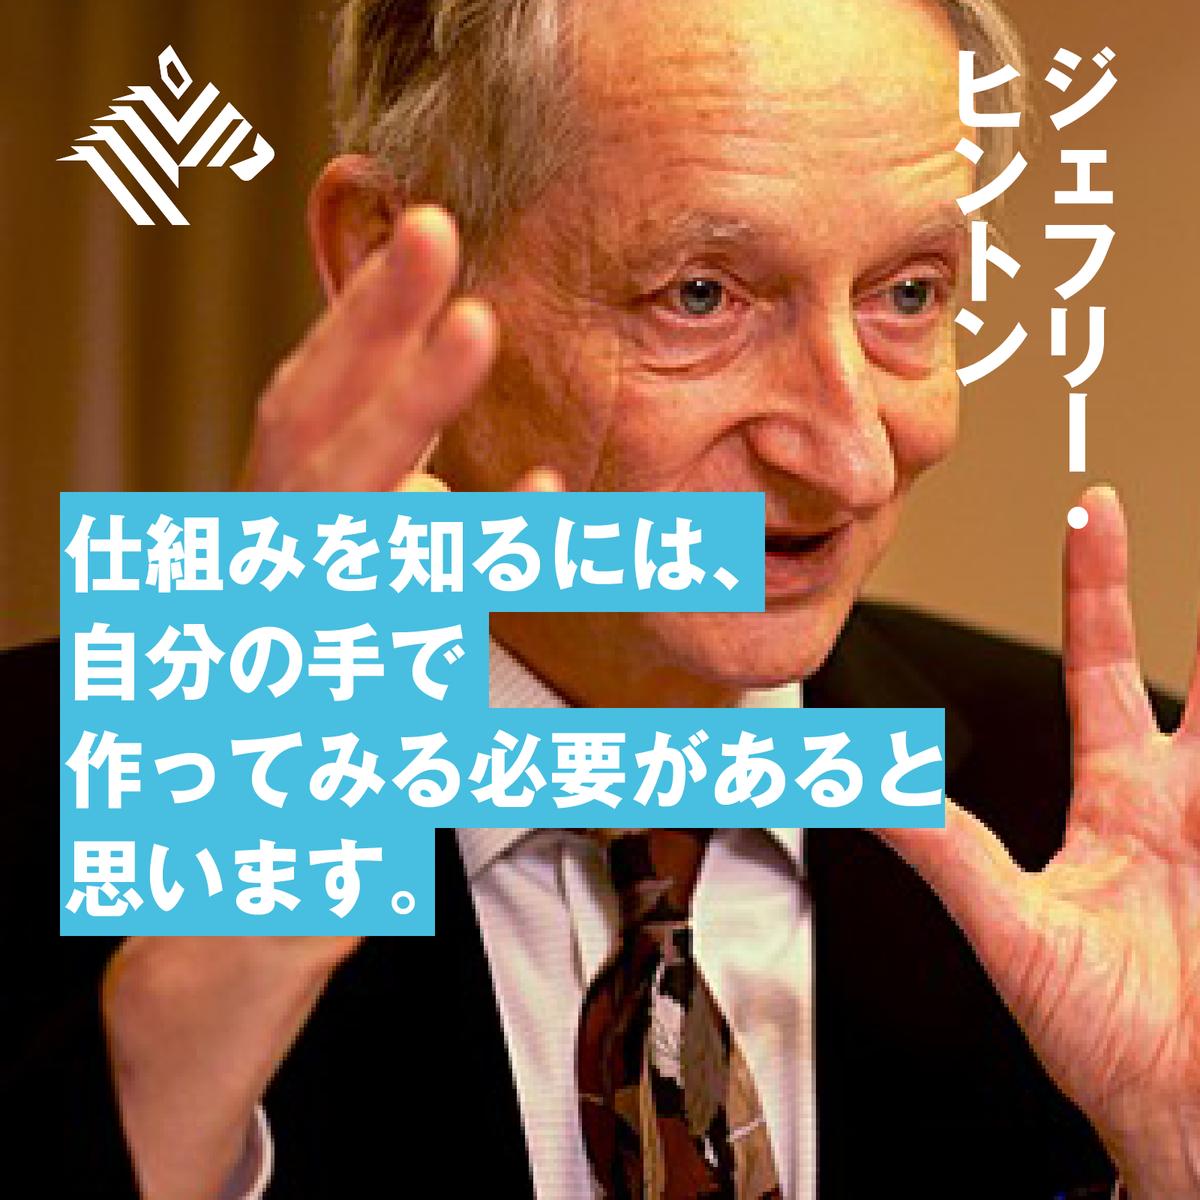 「アメリカの物理学者リチャード・ファインマンは「何かを理解したければ、自分で作ってみることだ」と言っています。私もそのとおりだと思うんですよね」Googleのエンジニアリングフェロー、ジェフリー・ヒントン氏インタビューより、抜粋を画像でお届け📮全文を読む 👉